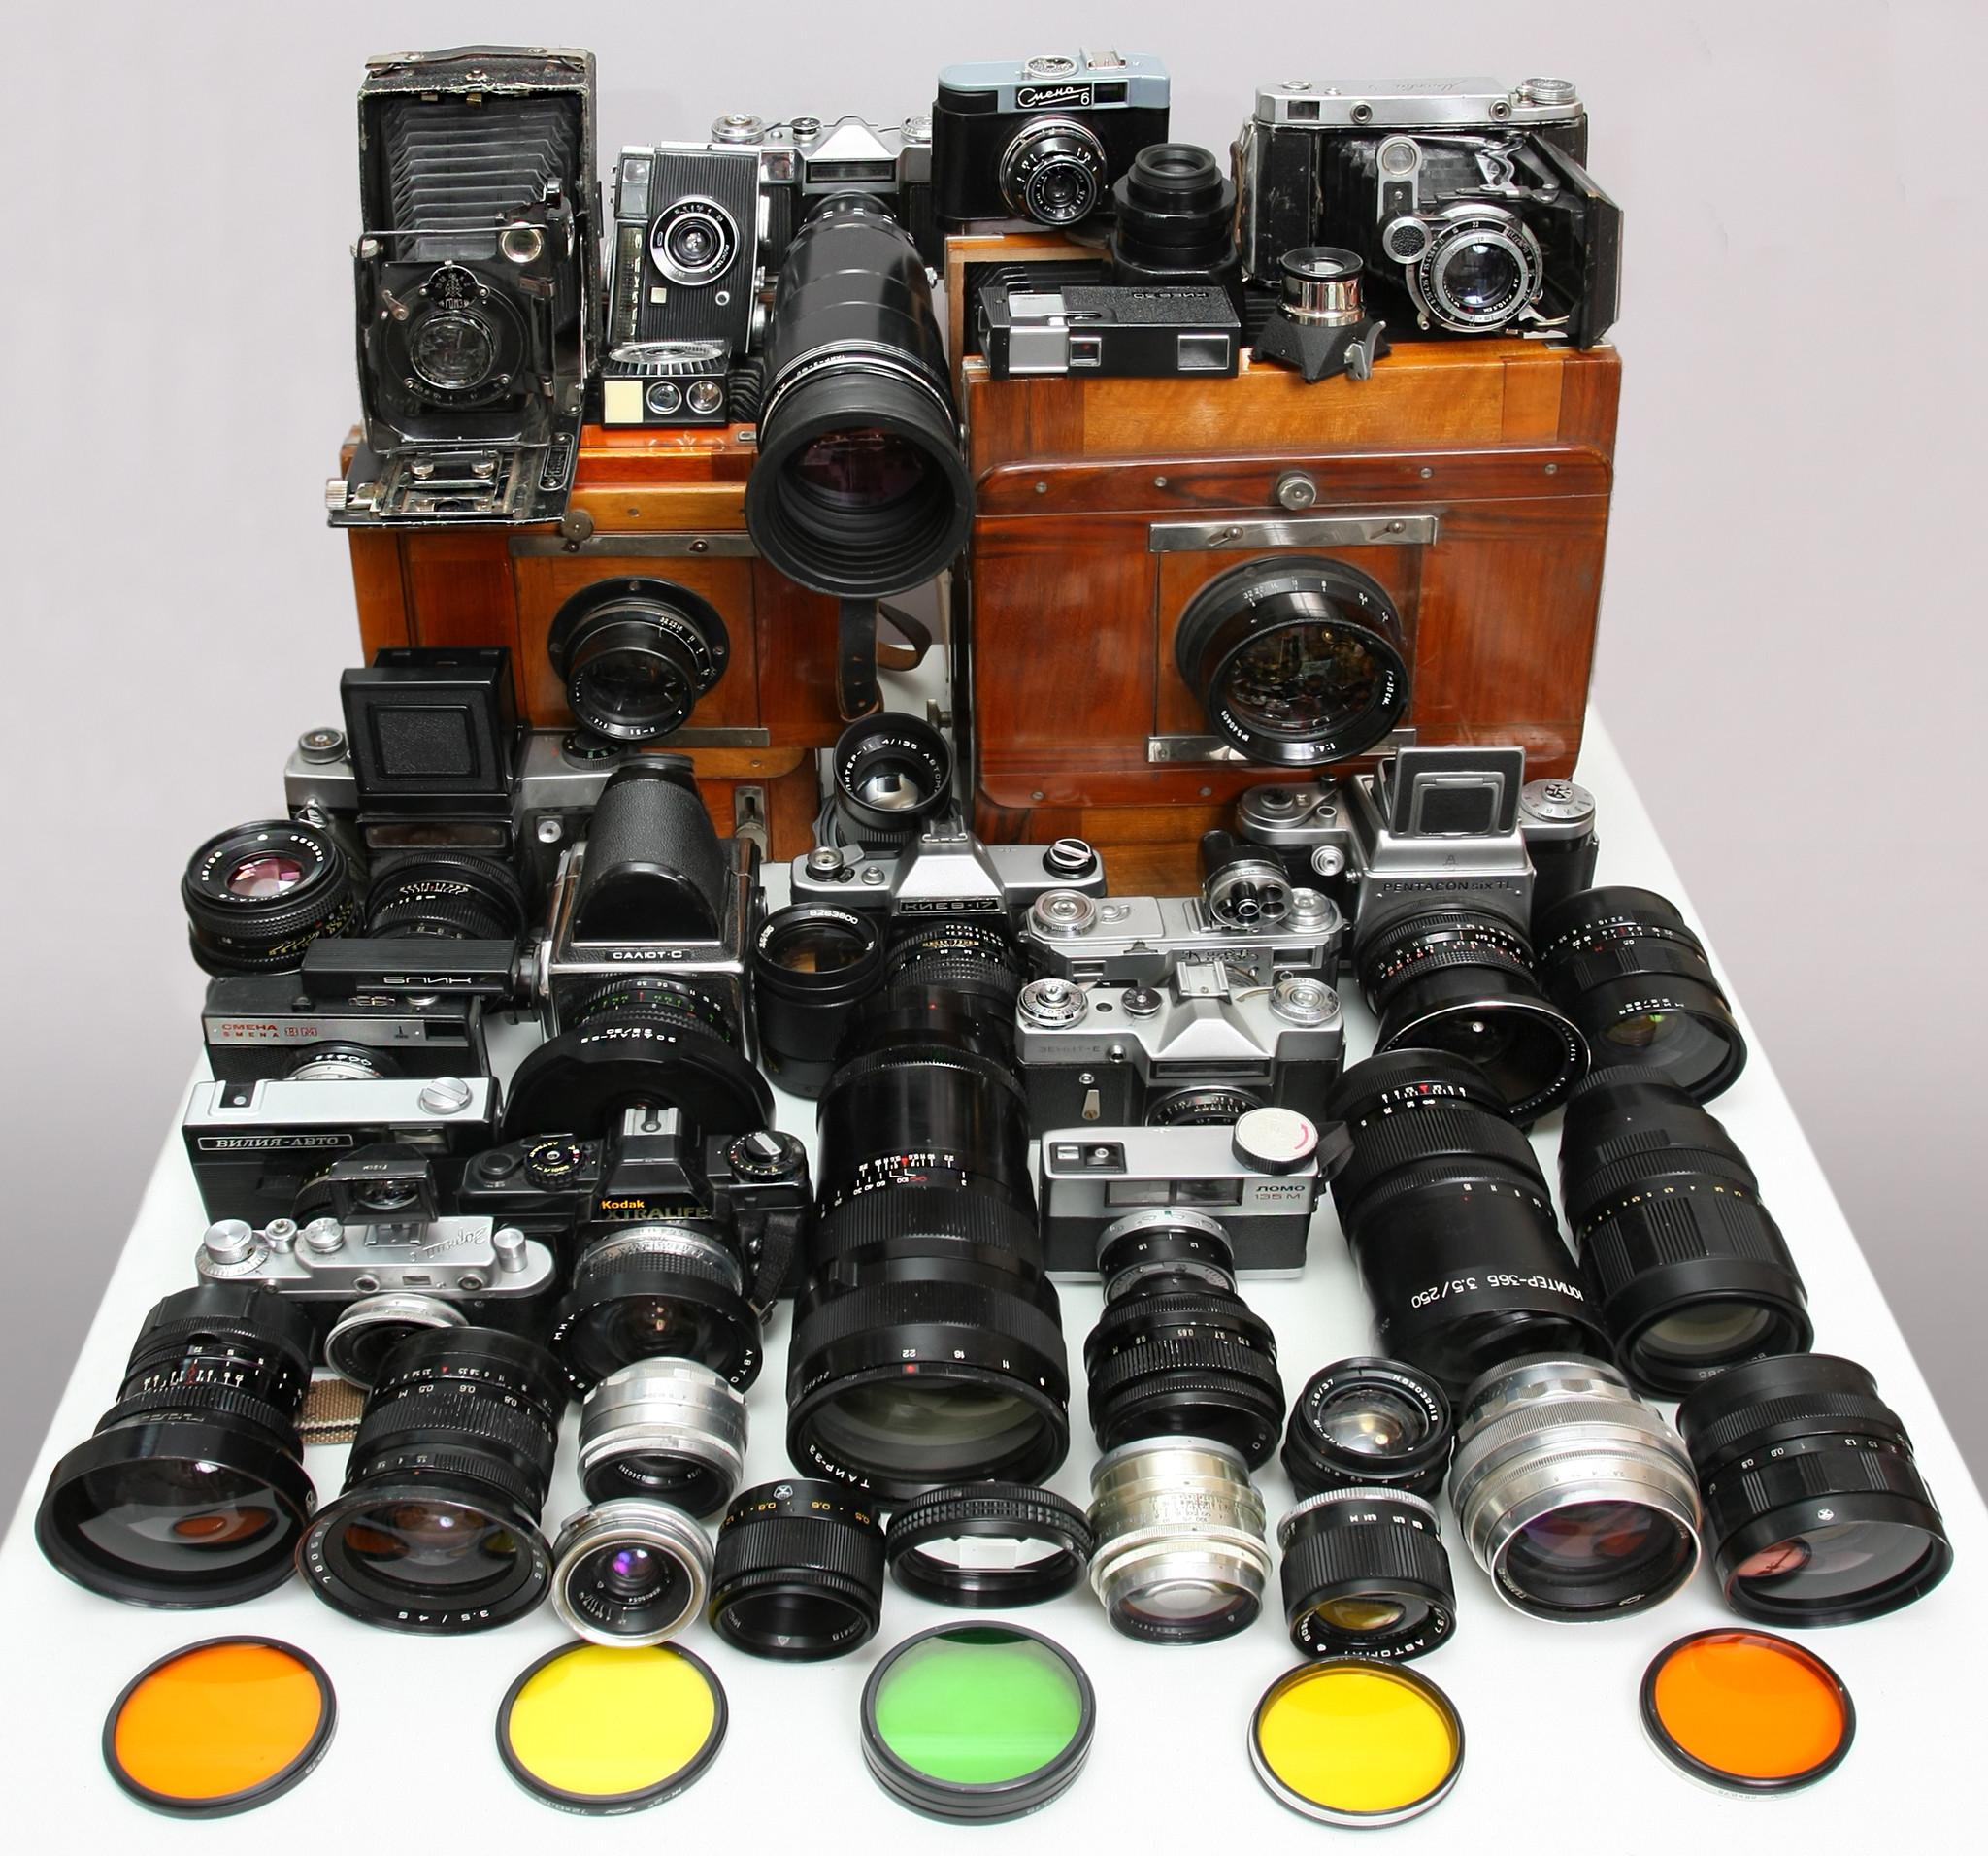 сделанная за сколько бы вы купили фотоаппарат гоморру